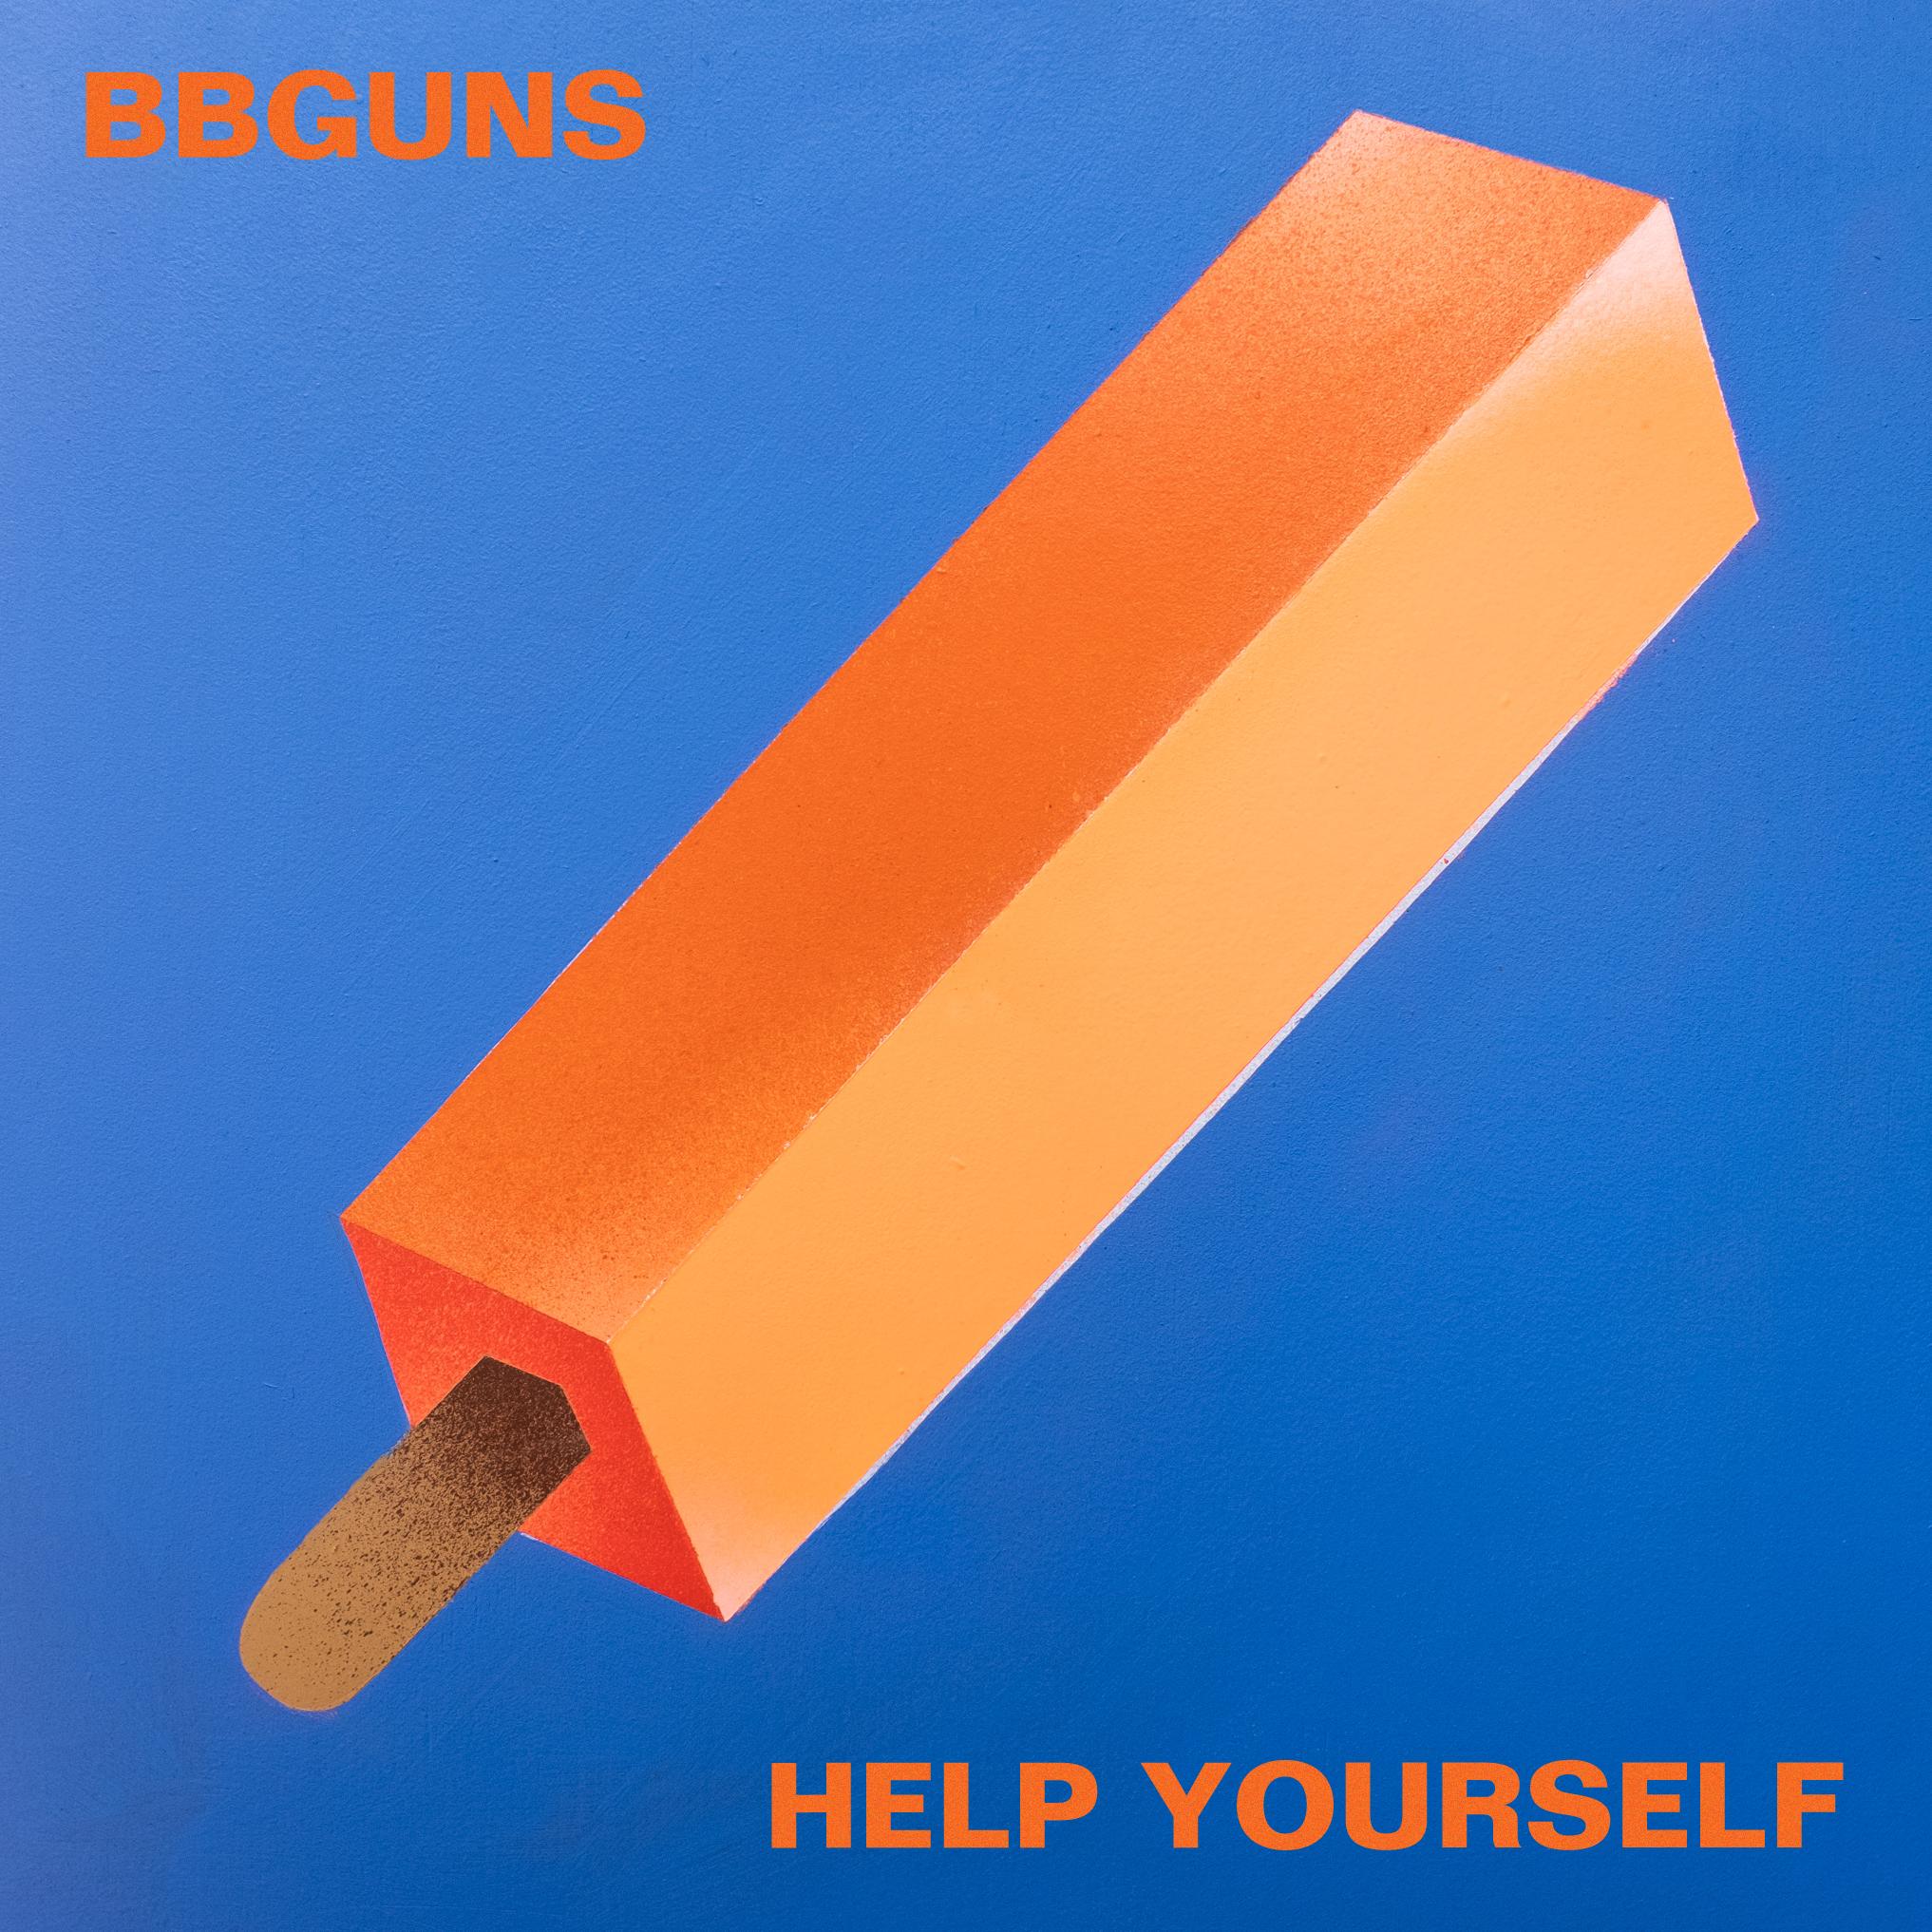 BBGuns - Help Yourself